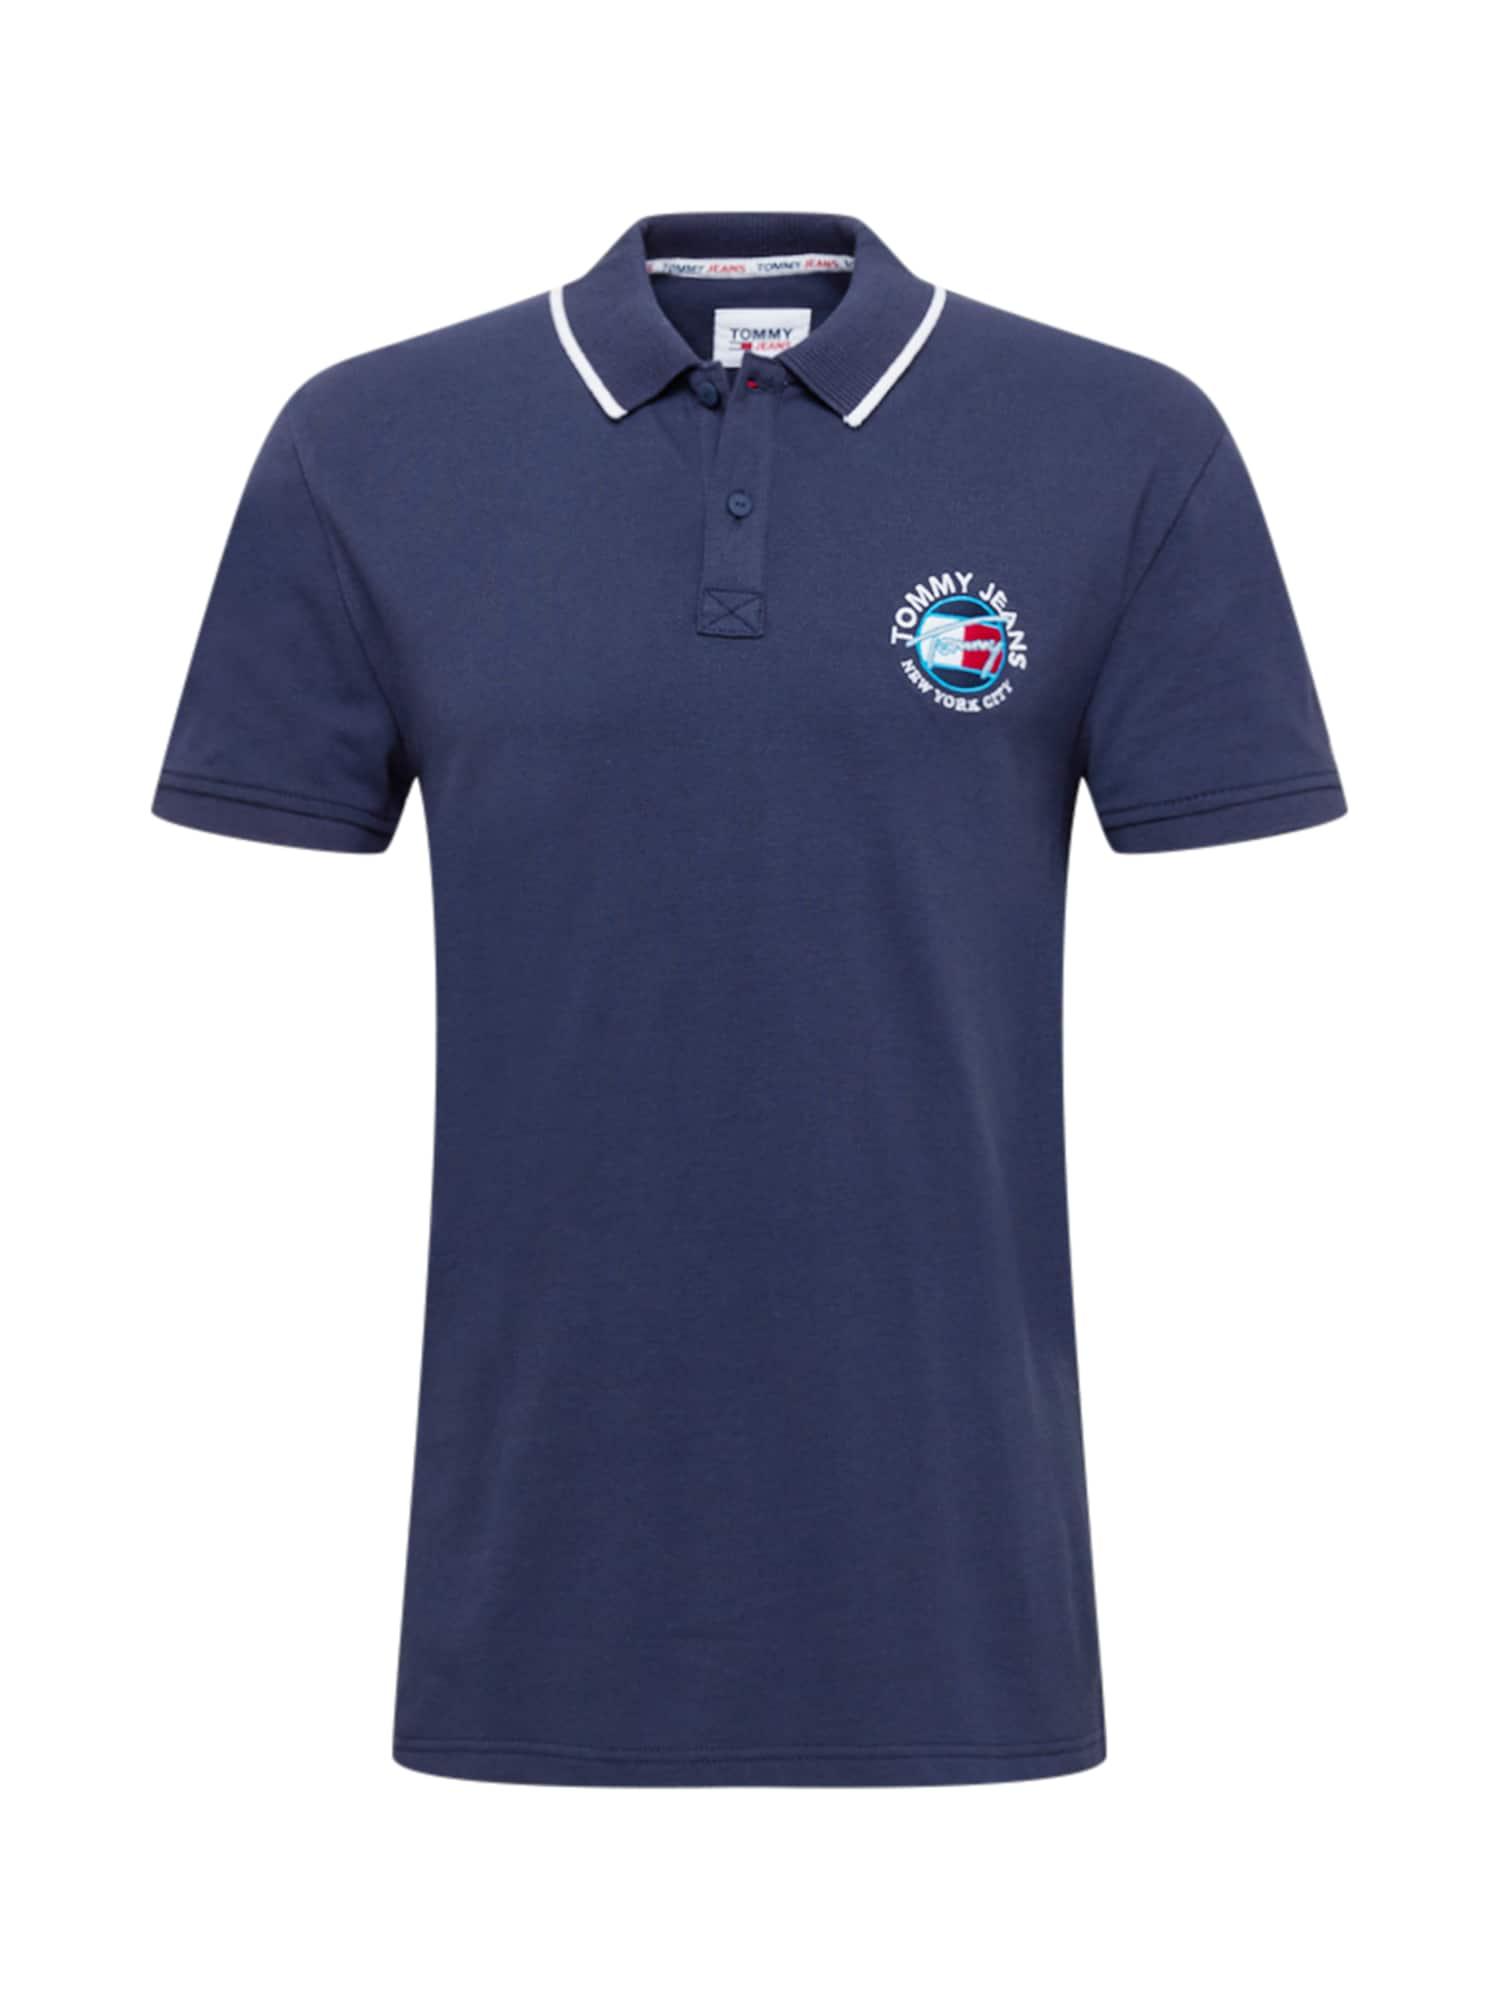 Tommy Jeans Tričko  marine modrá / bílá / ohnivá červená / tyrkysová